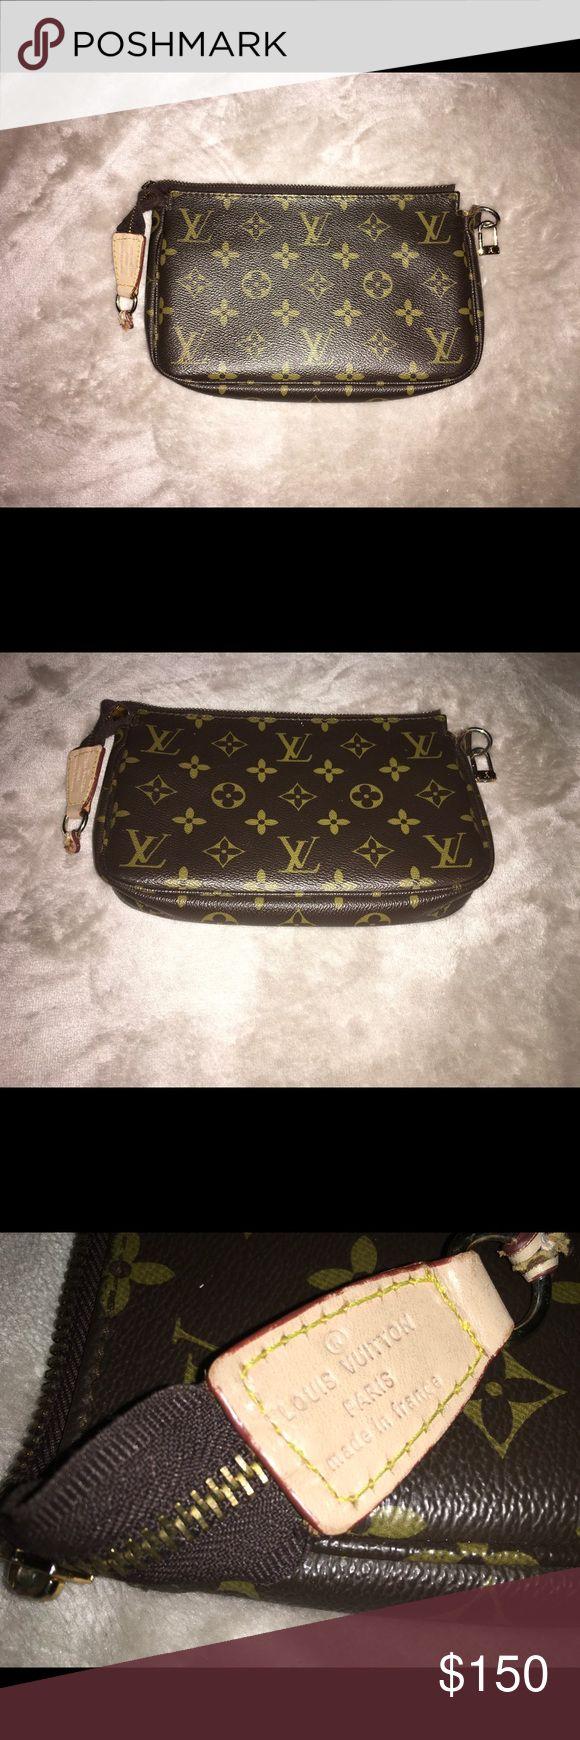 🌸Vintage Louis Vuitton bag 100% Authentic 🌸 🌸Vintage Louis Vuitton bag 100% Authentic 🌸 Louis Vuitton Bags Mini Bags